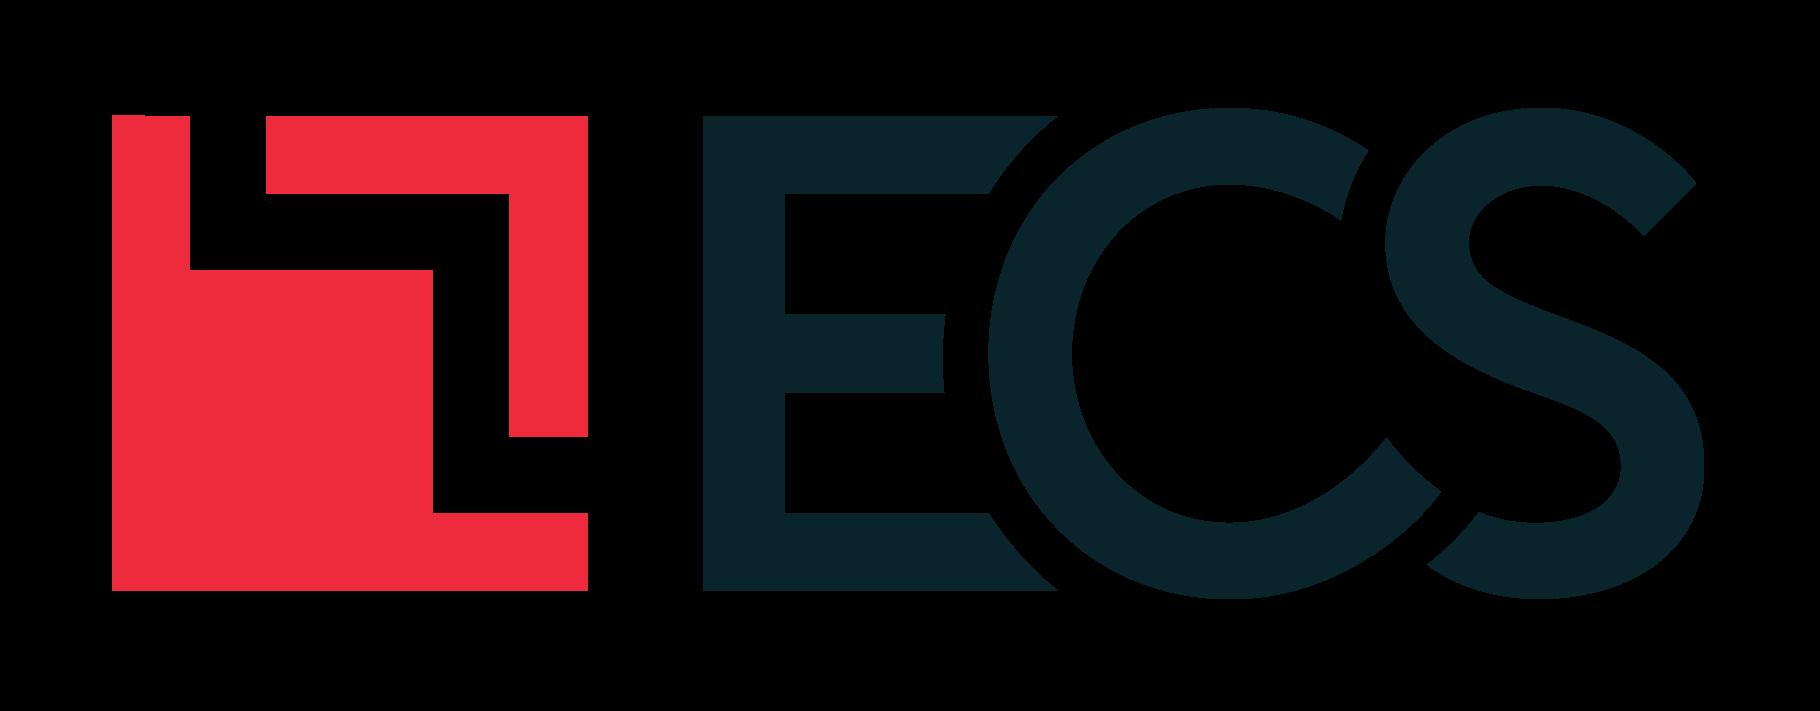 ECS Federal, LLC's logo